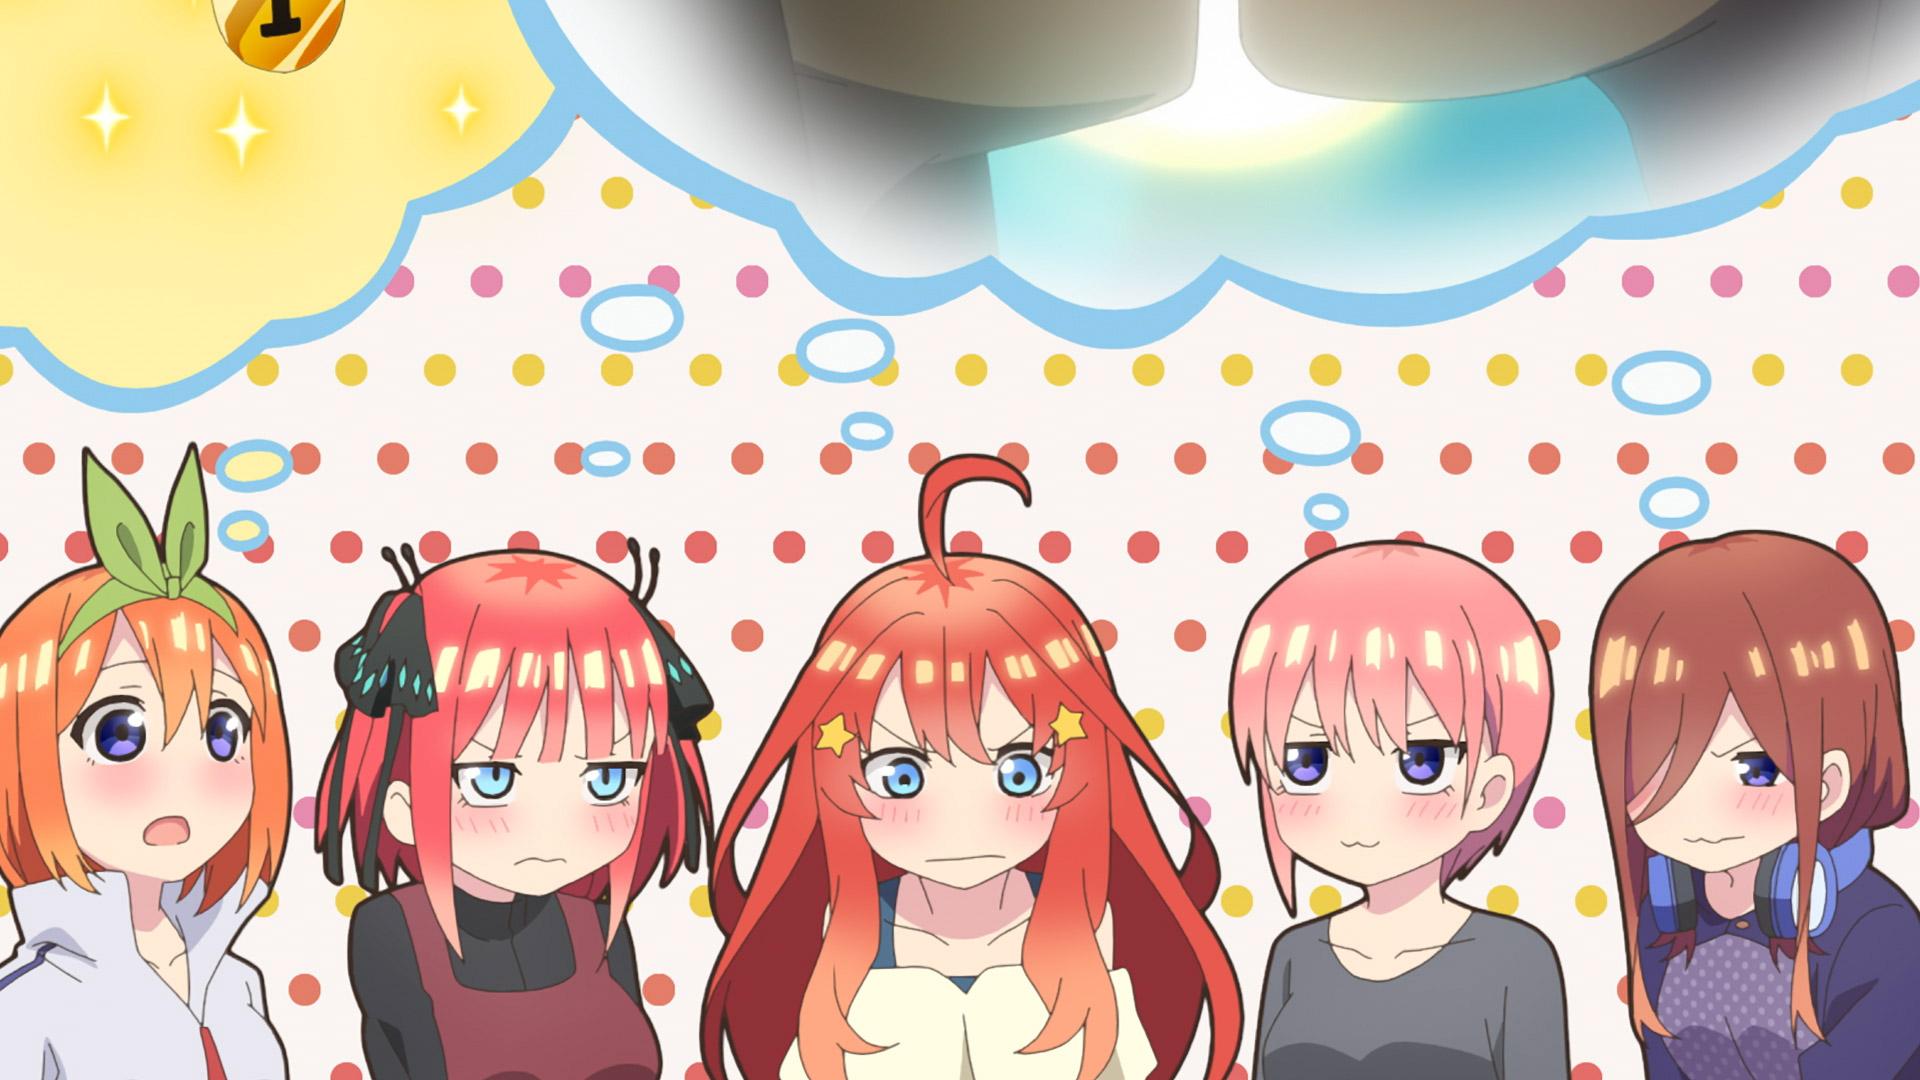 【アニメ】五等分の花嫁2期の5話あらすじ・ネタバレ感想 | 新年を迎えた風太郎に、五つ子たちが手厚い歓迎!?その真意とは……?